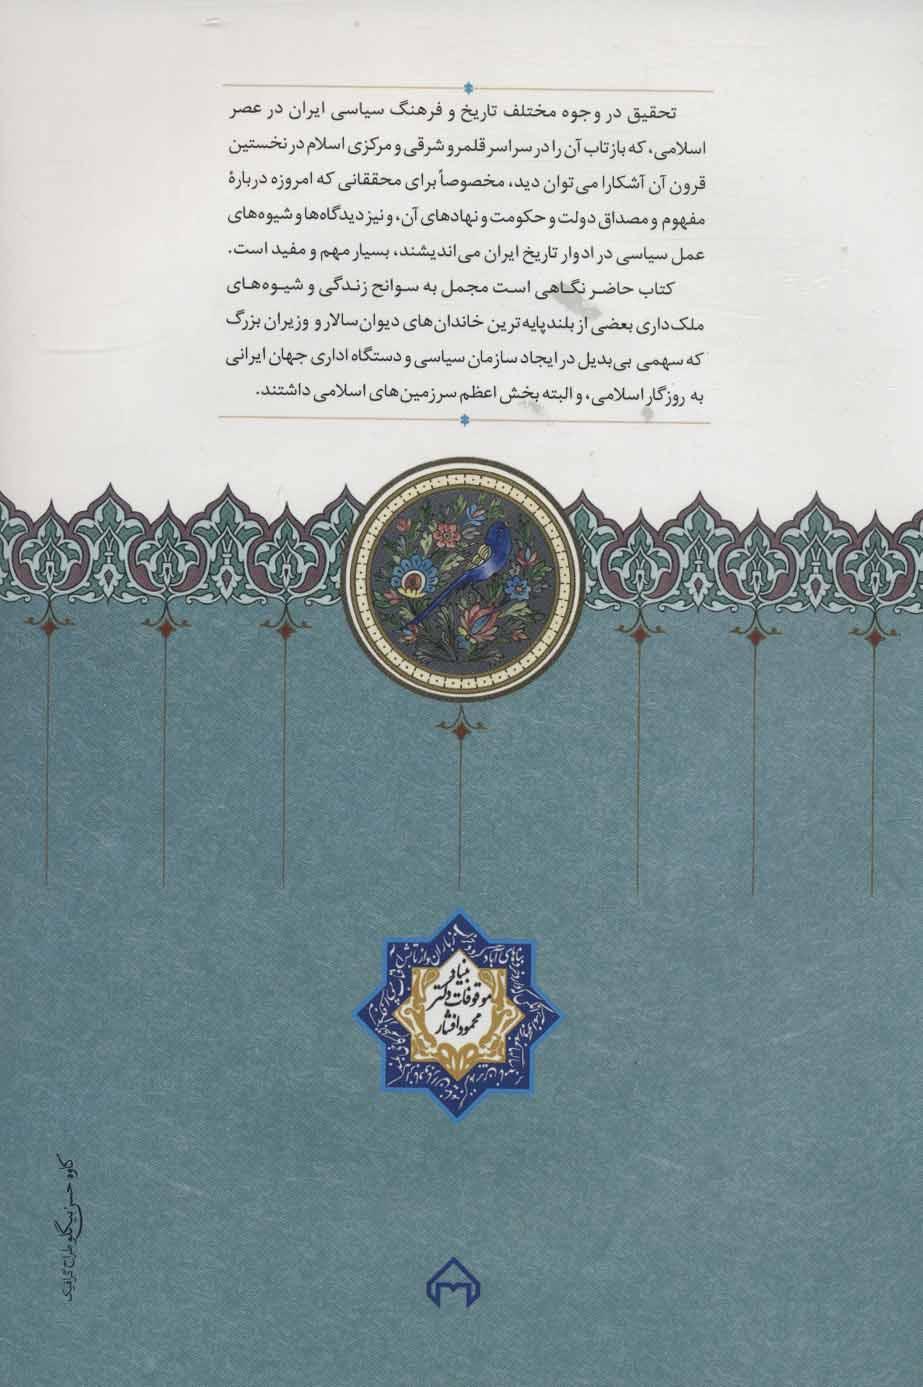 وزارت و دیوان سالاری ایرانی در عصر اسلامی